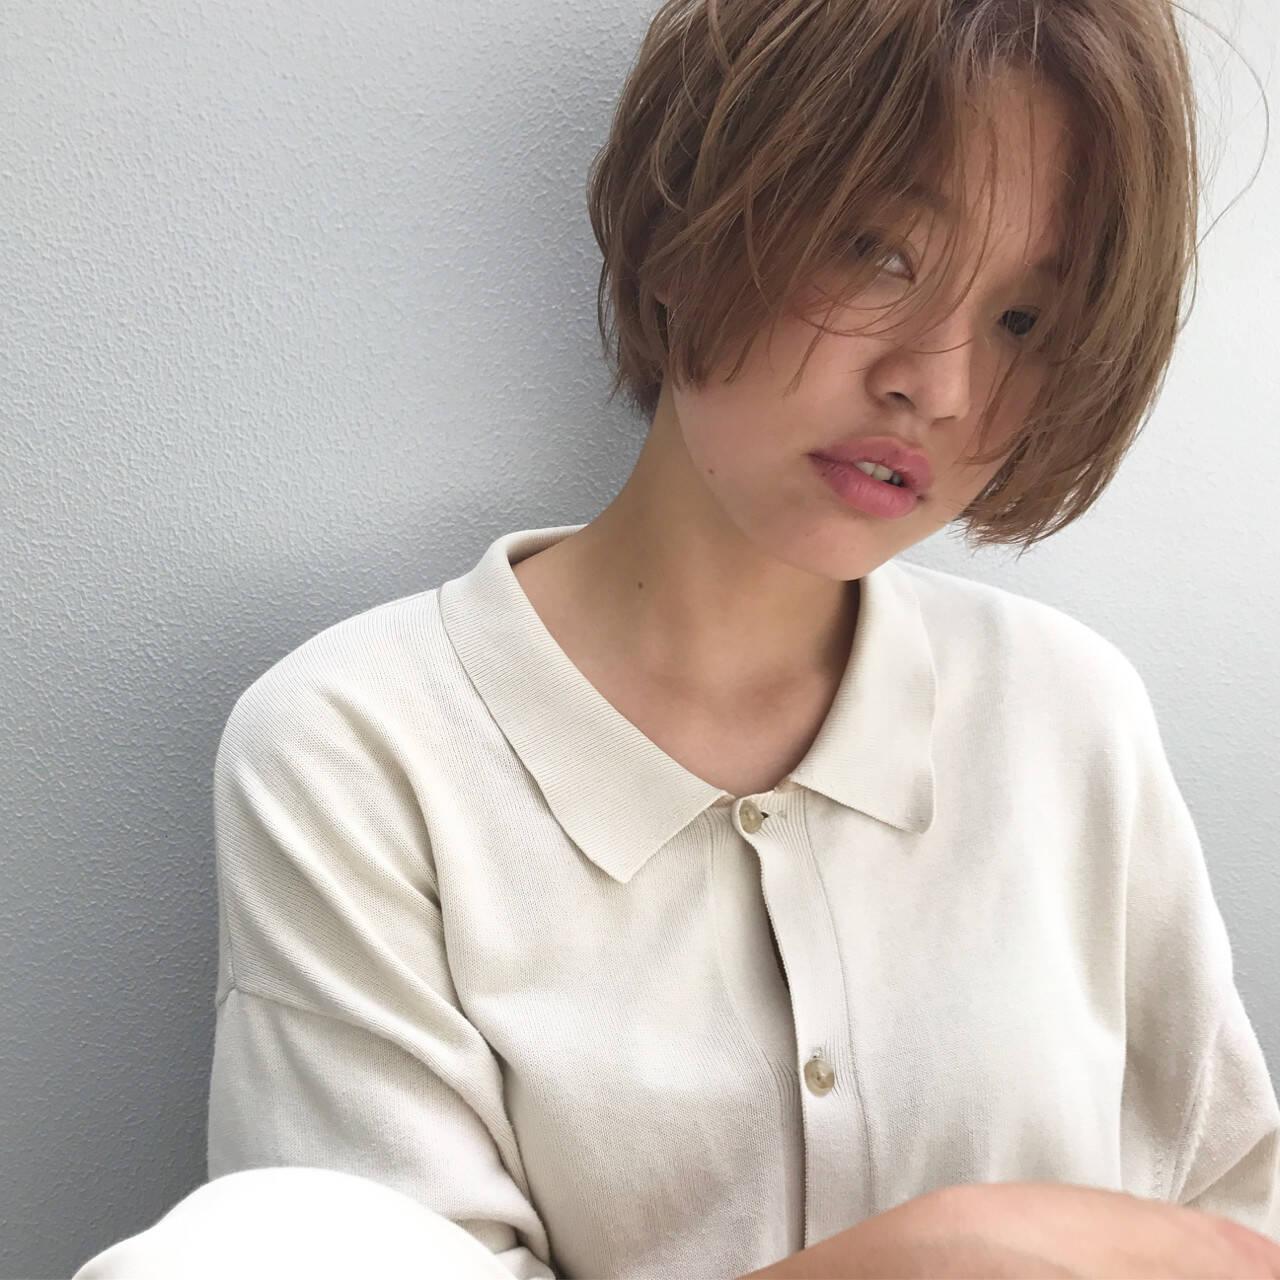 リラックス ナチュラル 色気 涼しげヘアスタイルや髪型の写真・画像